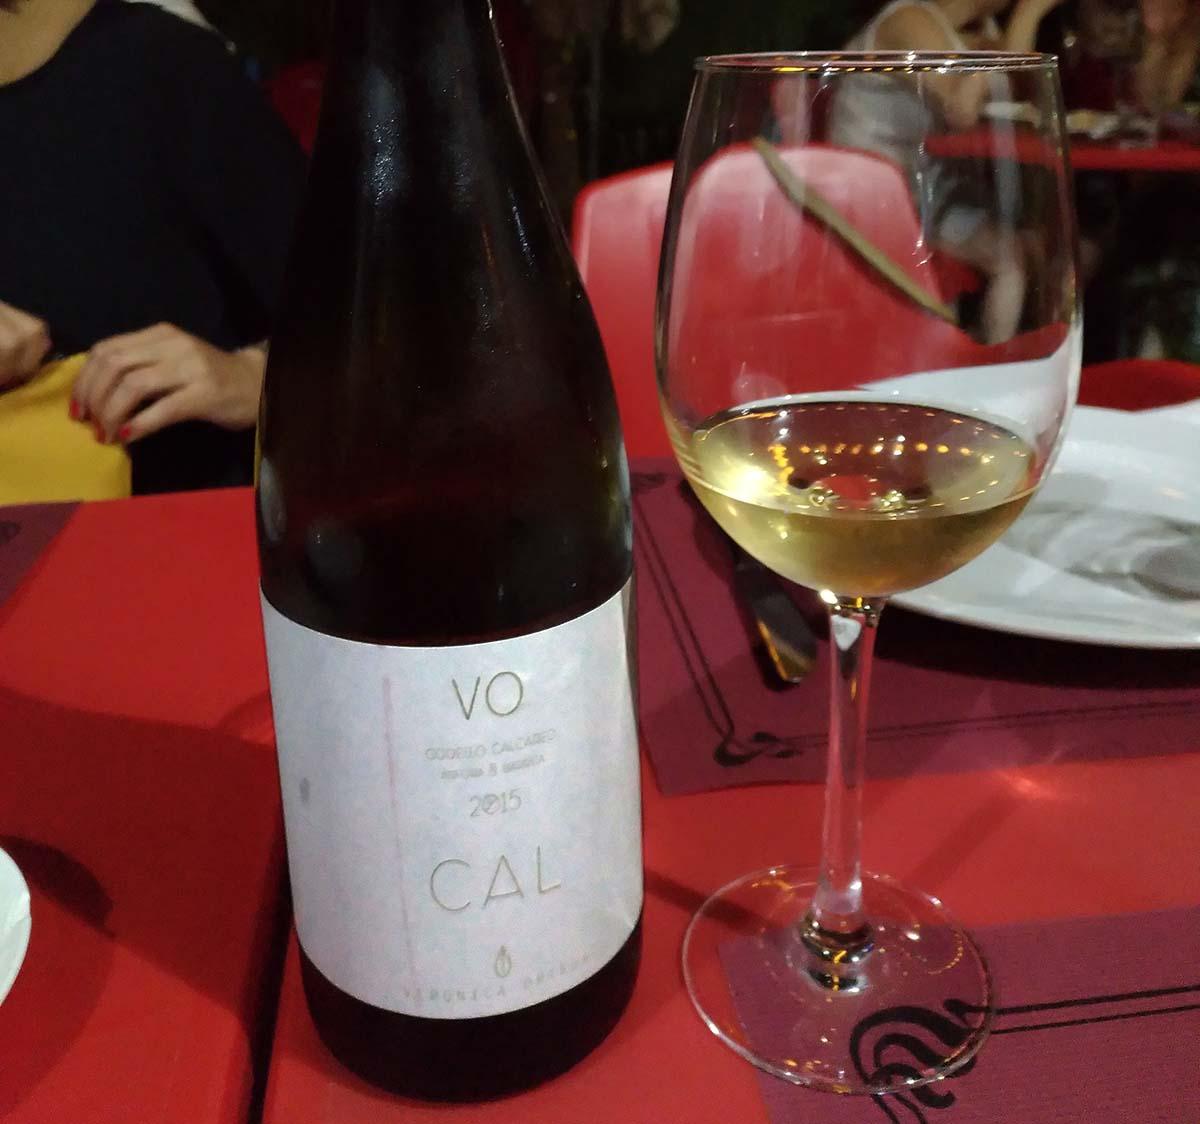 Cal Veronica Ortega 2015